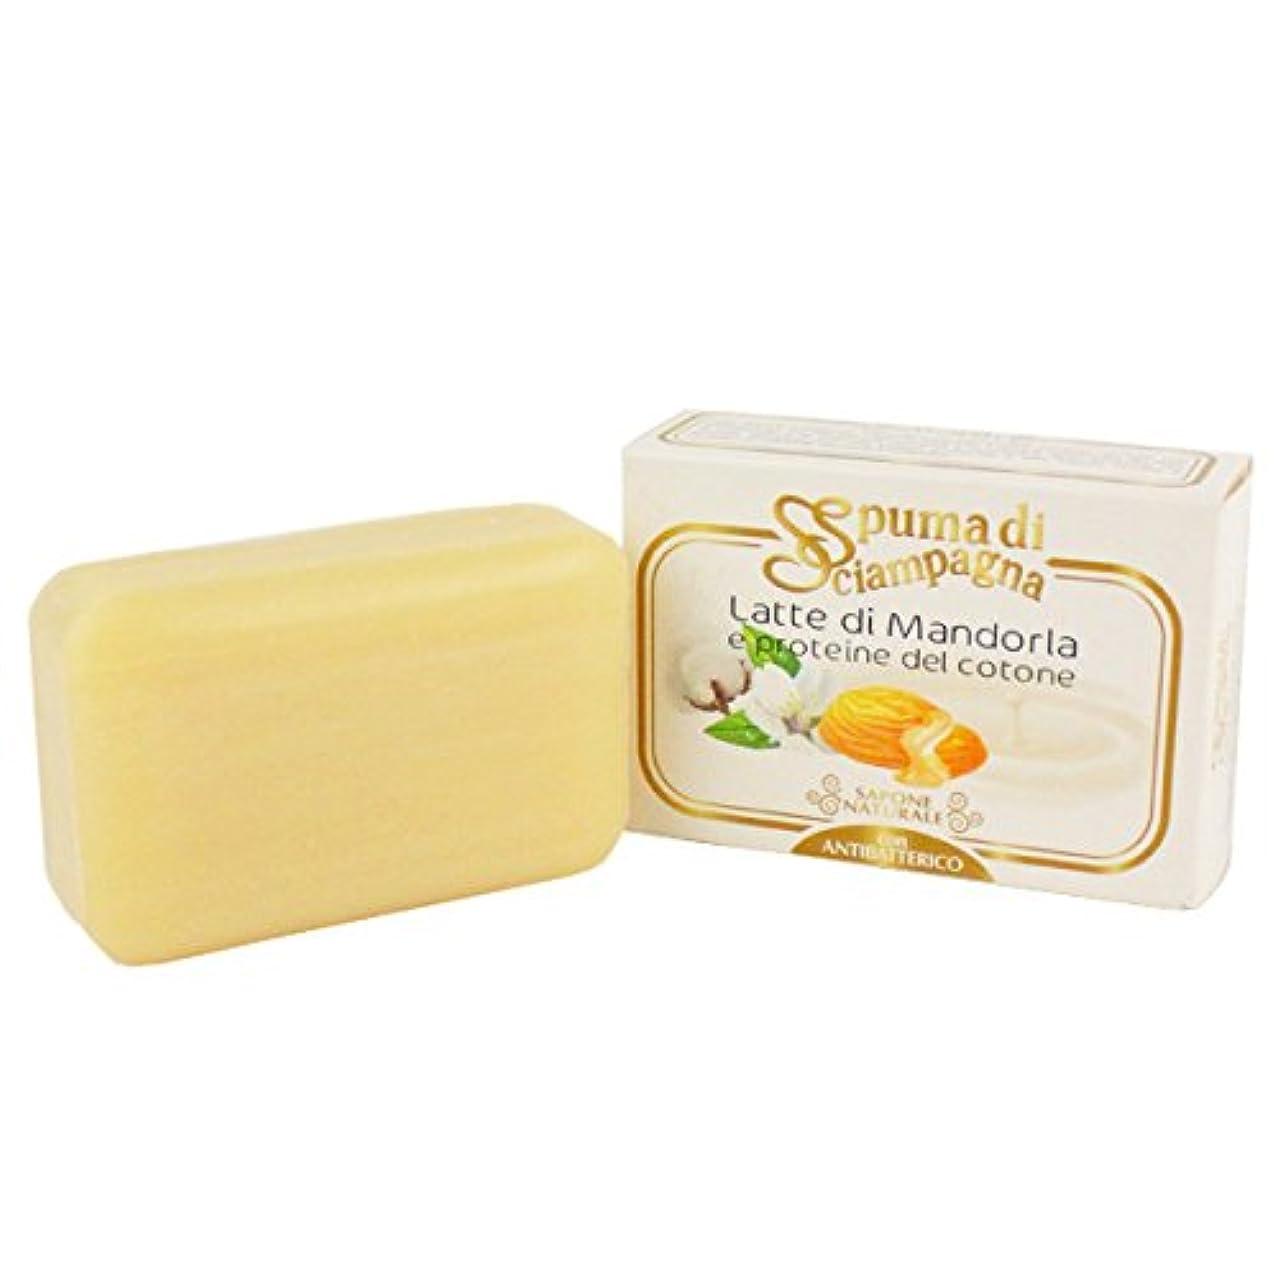 公爵夫人挨拶する序文Spuma di Sciampagna (スプーマ ディ シャンパーニャ) ナチュラルソープ 化粧石けん 145g アーモンドの香り